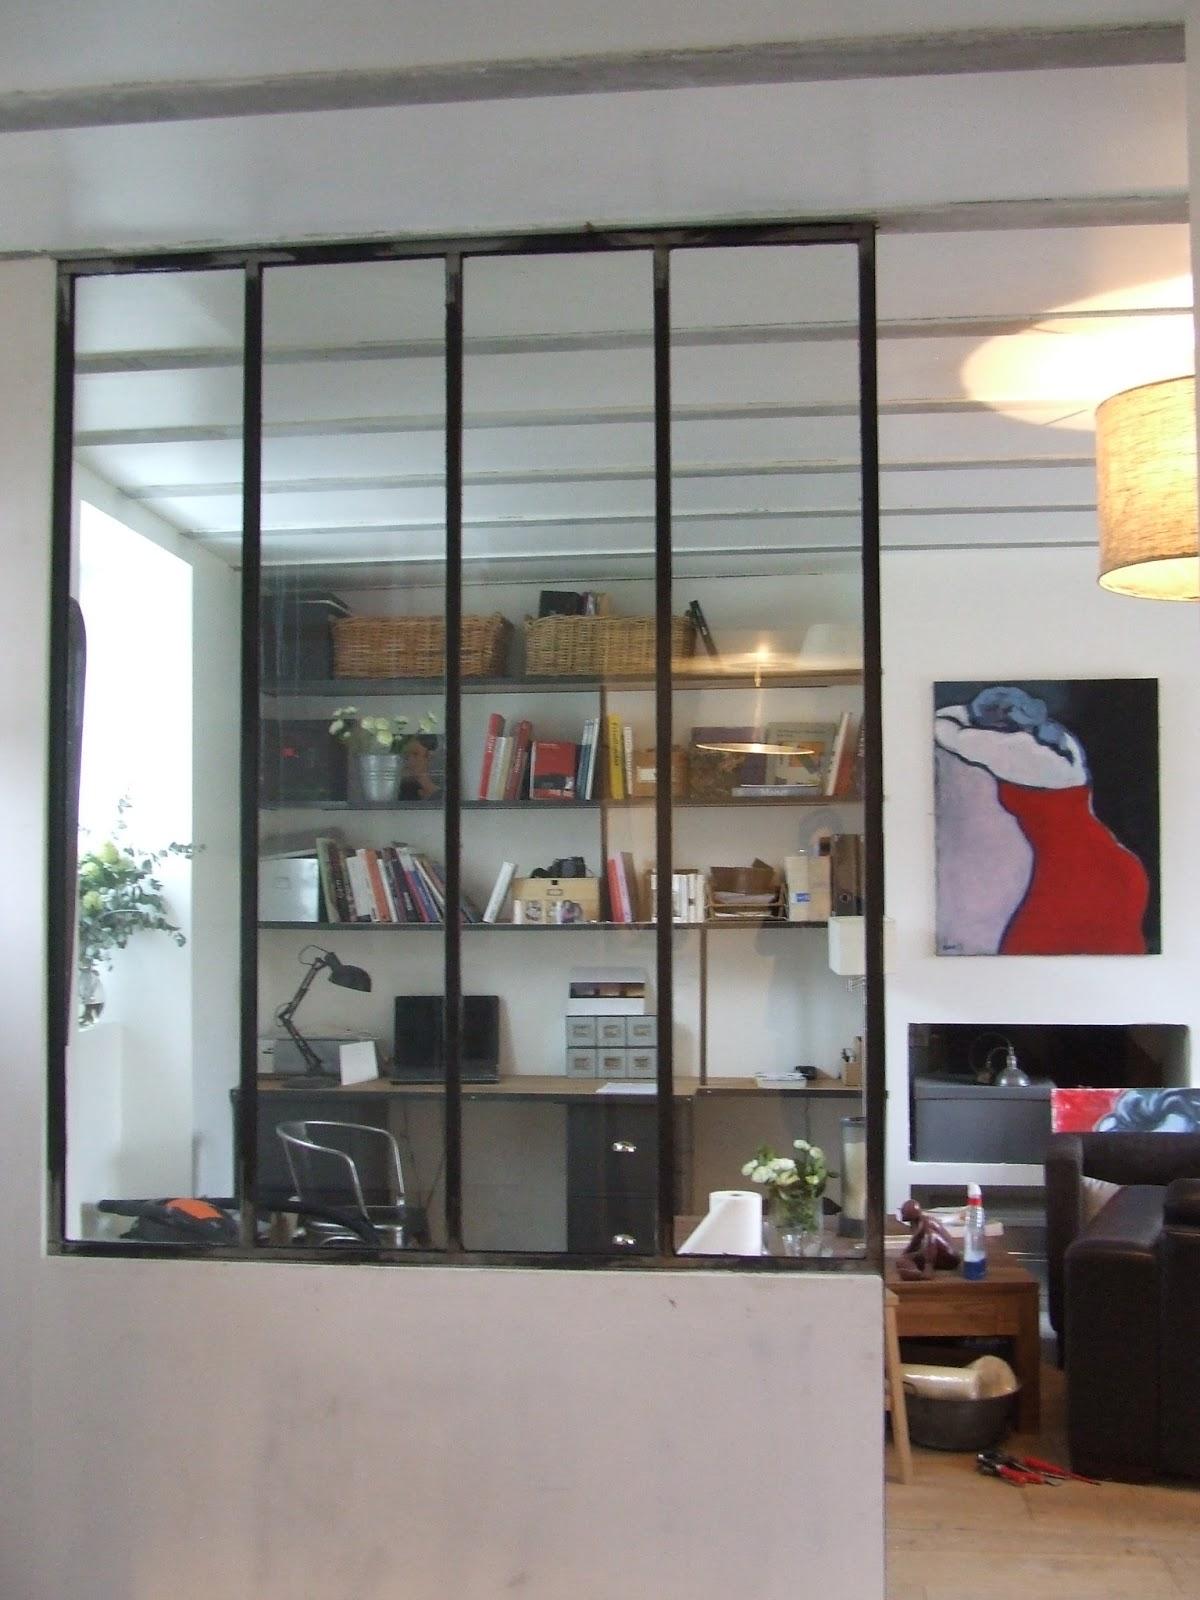 verri re int rieure les alluets le roi 78 ferronnerie le fur. Black Bedroom Furniture Sets. Home Design Ideas